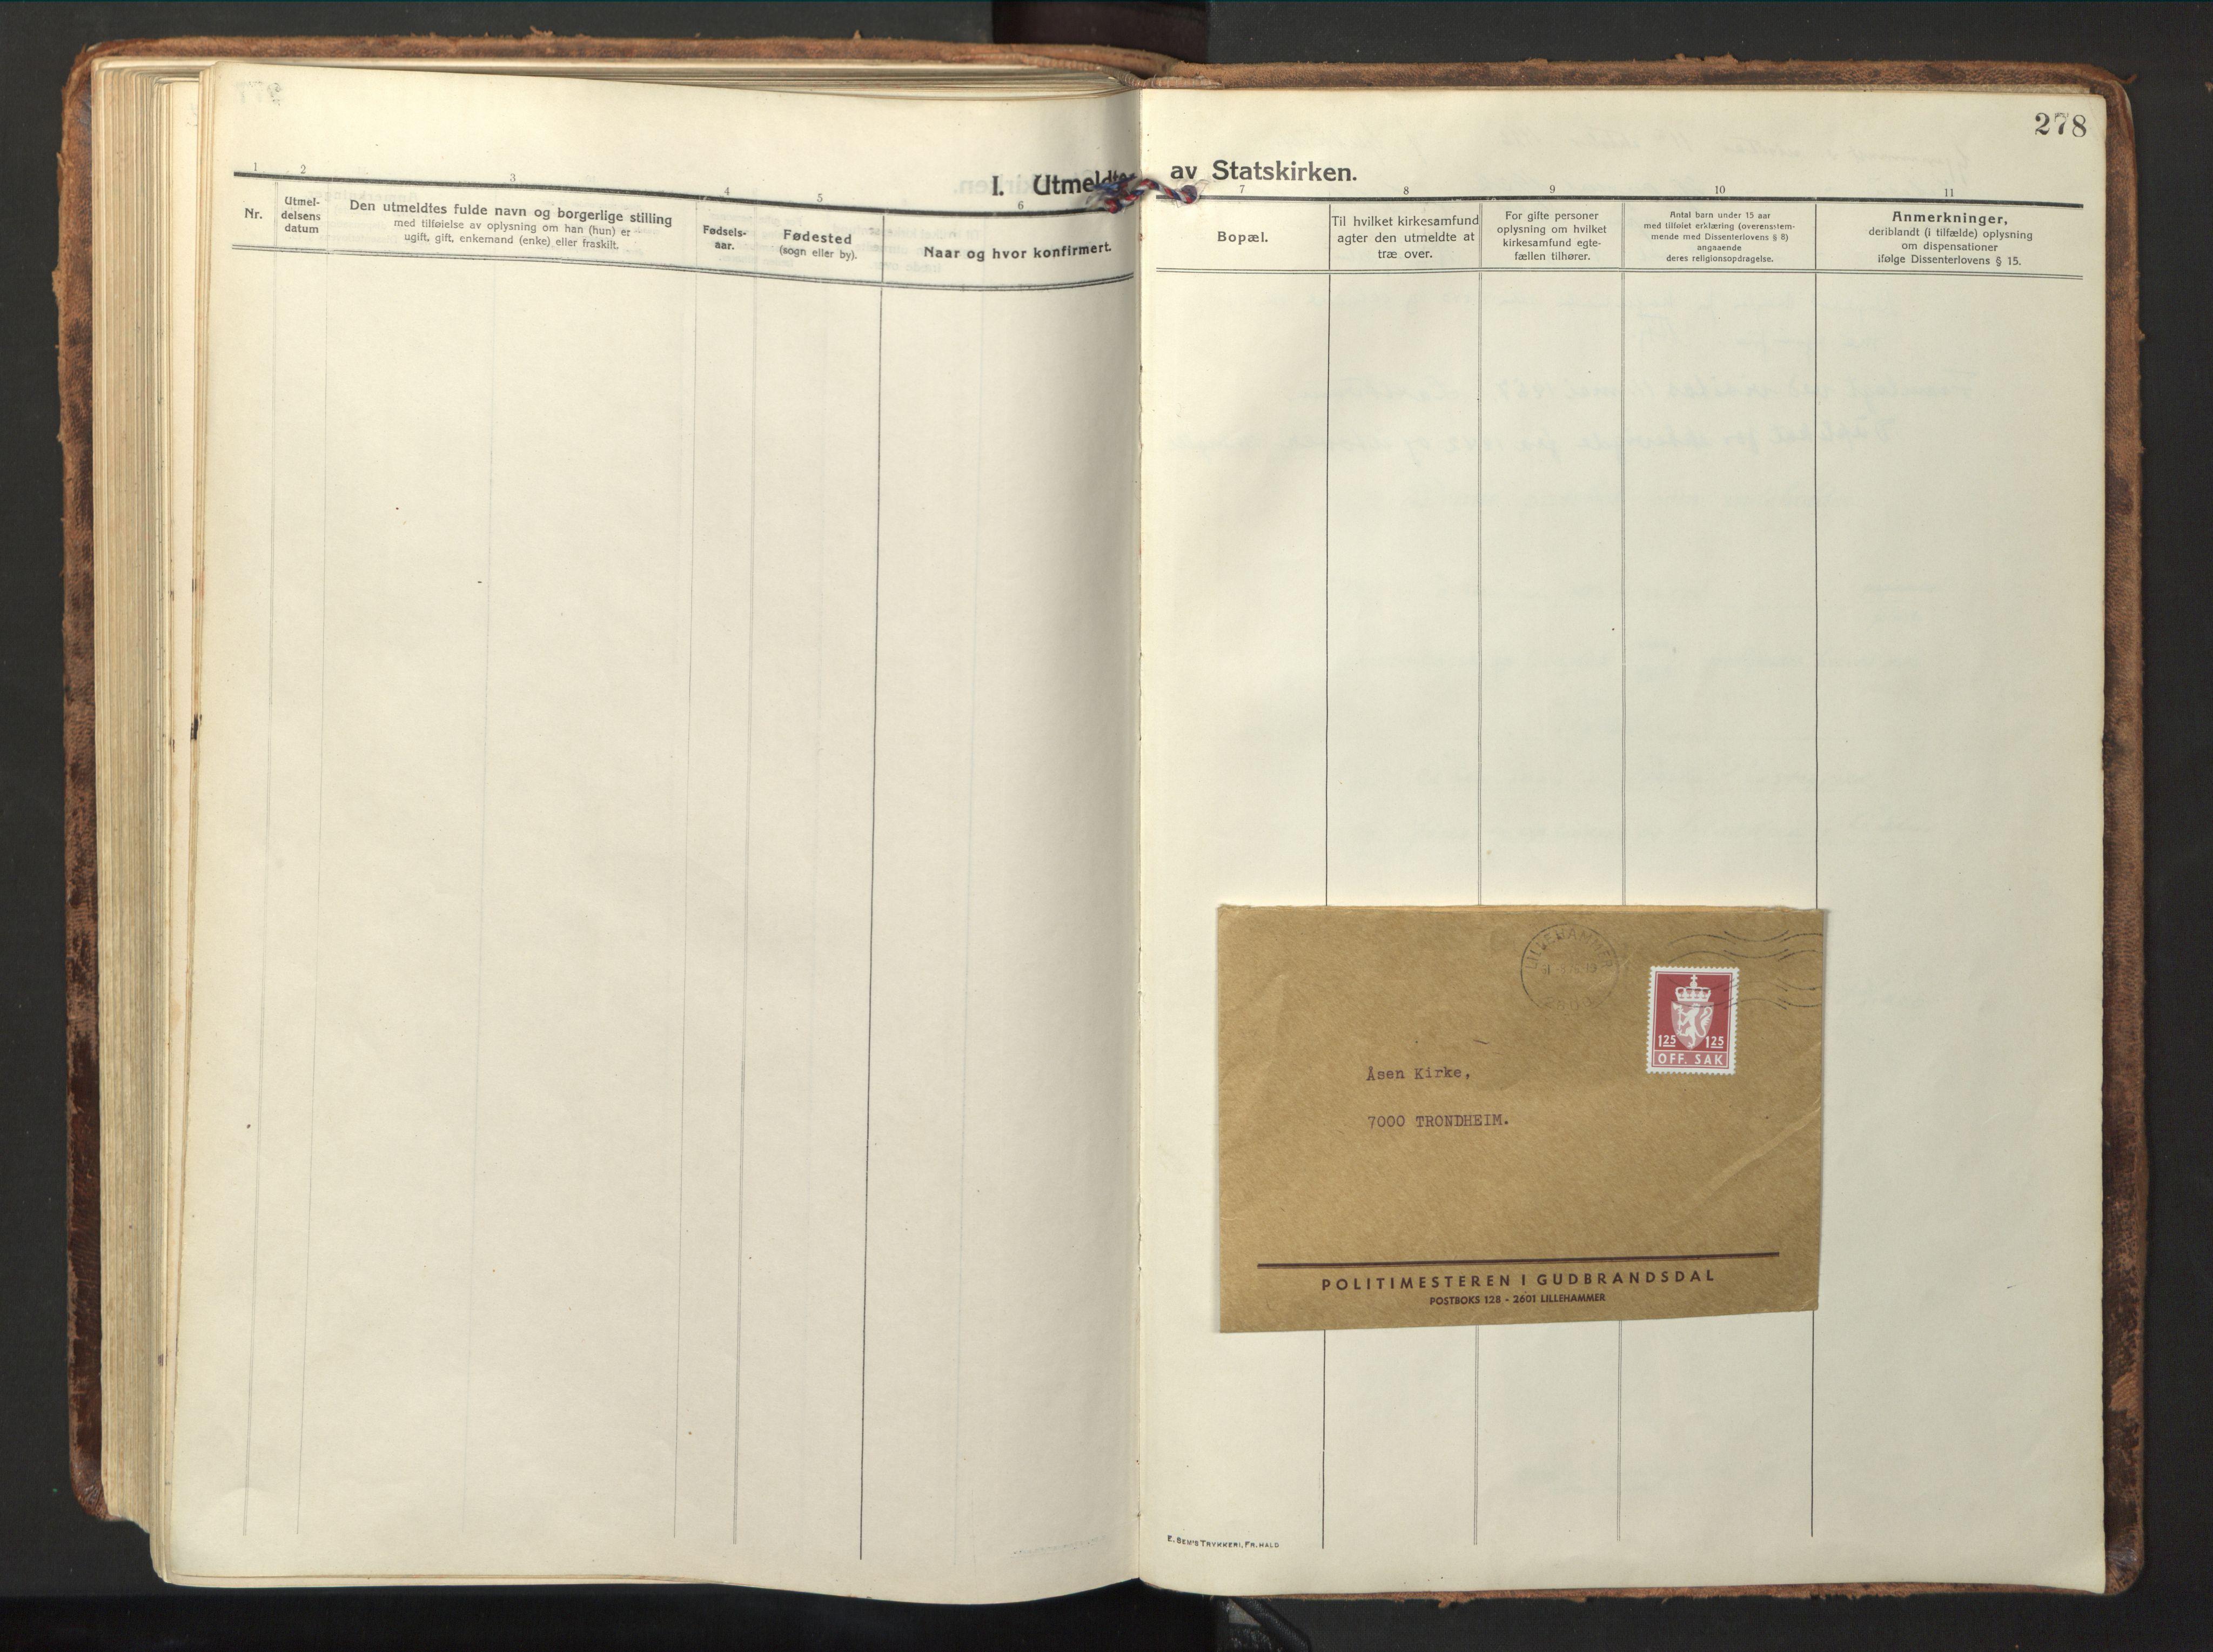 SAT, Ministerialprotokoller, klokkerbøker og fødselsregistre - Nord-Trøndelag, 714/L0136: Klokkerbok nr. 714C05, 1918-1957, s. 278